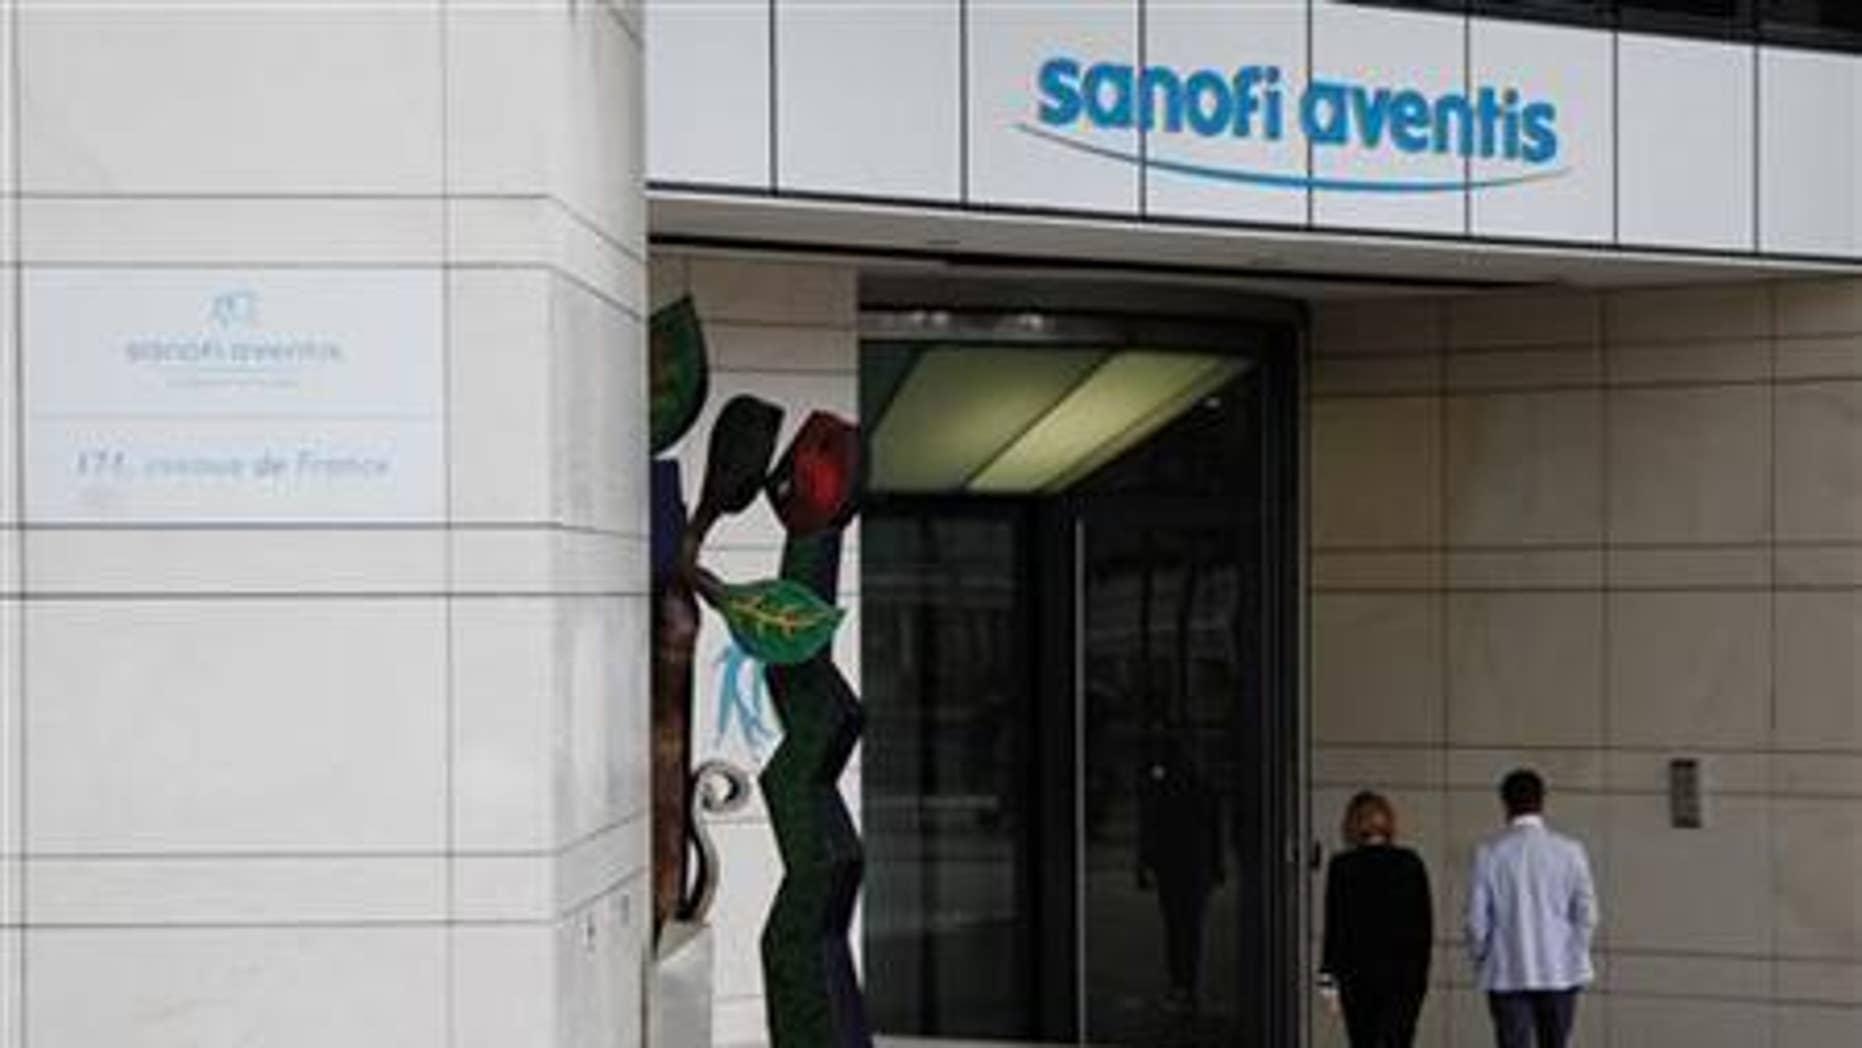 Employees enter Sanofi-Aventis headquarters in Paris August 4, 2010. REUTERS/John Schults